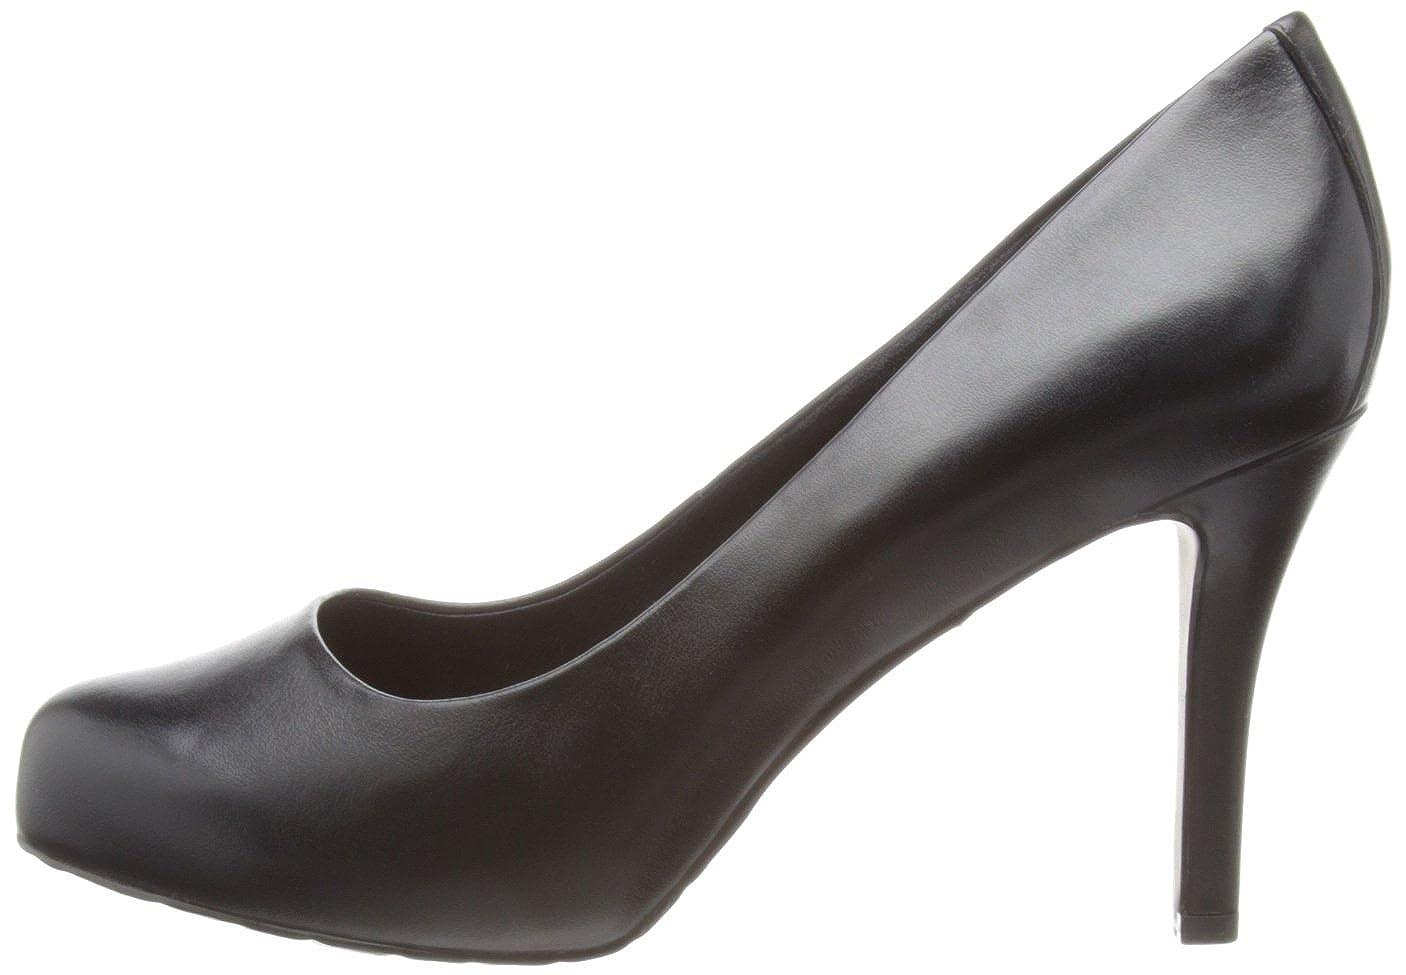 d2883ef0a94 Rockport Sto7H95 Plain Pump, Women's Court Shoes, Black smooth, 6.5 ...